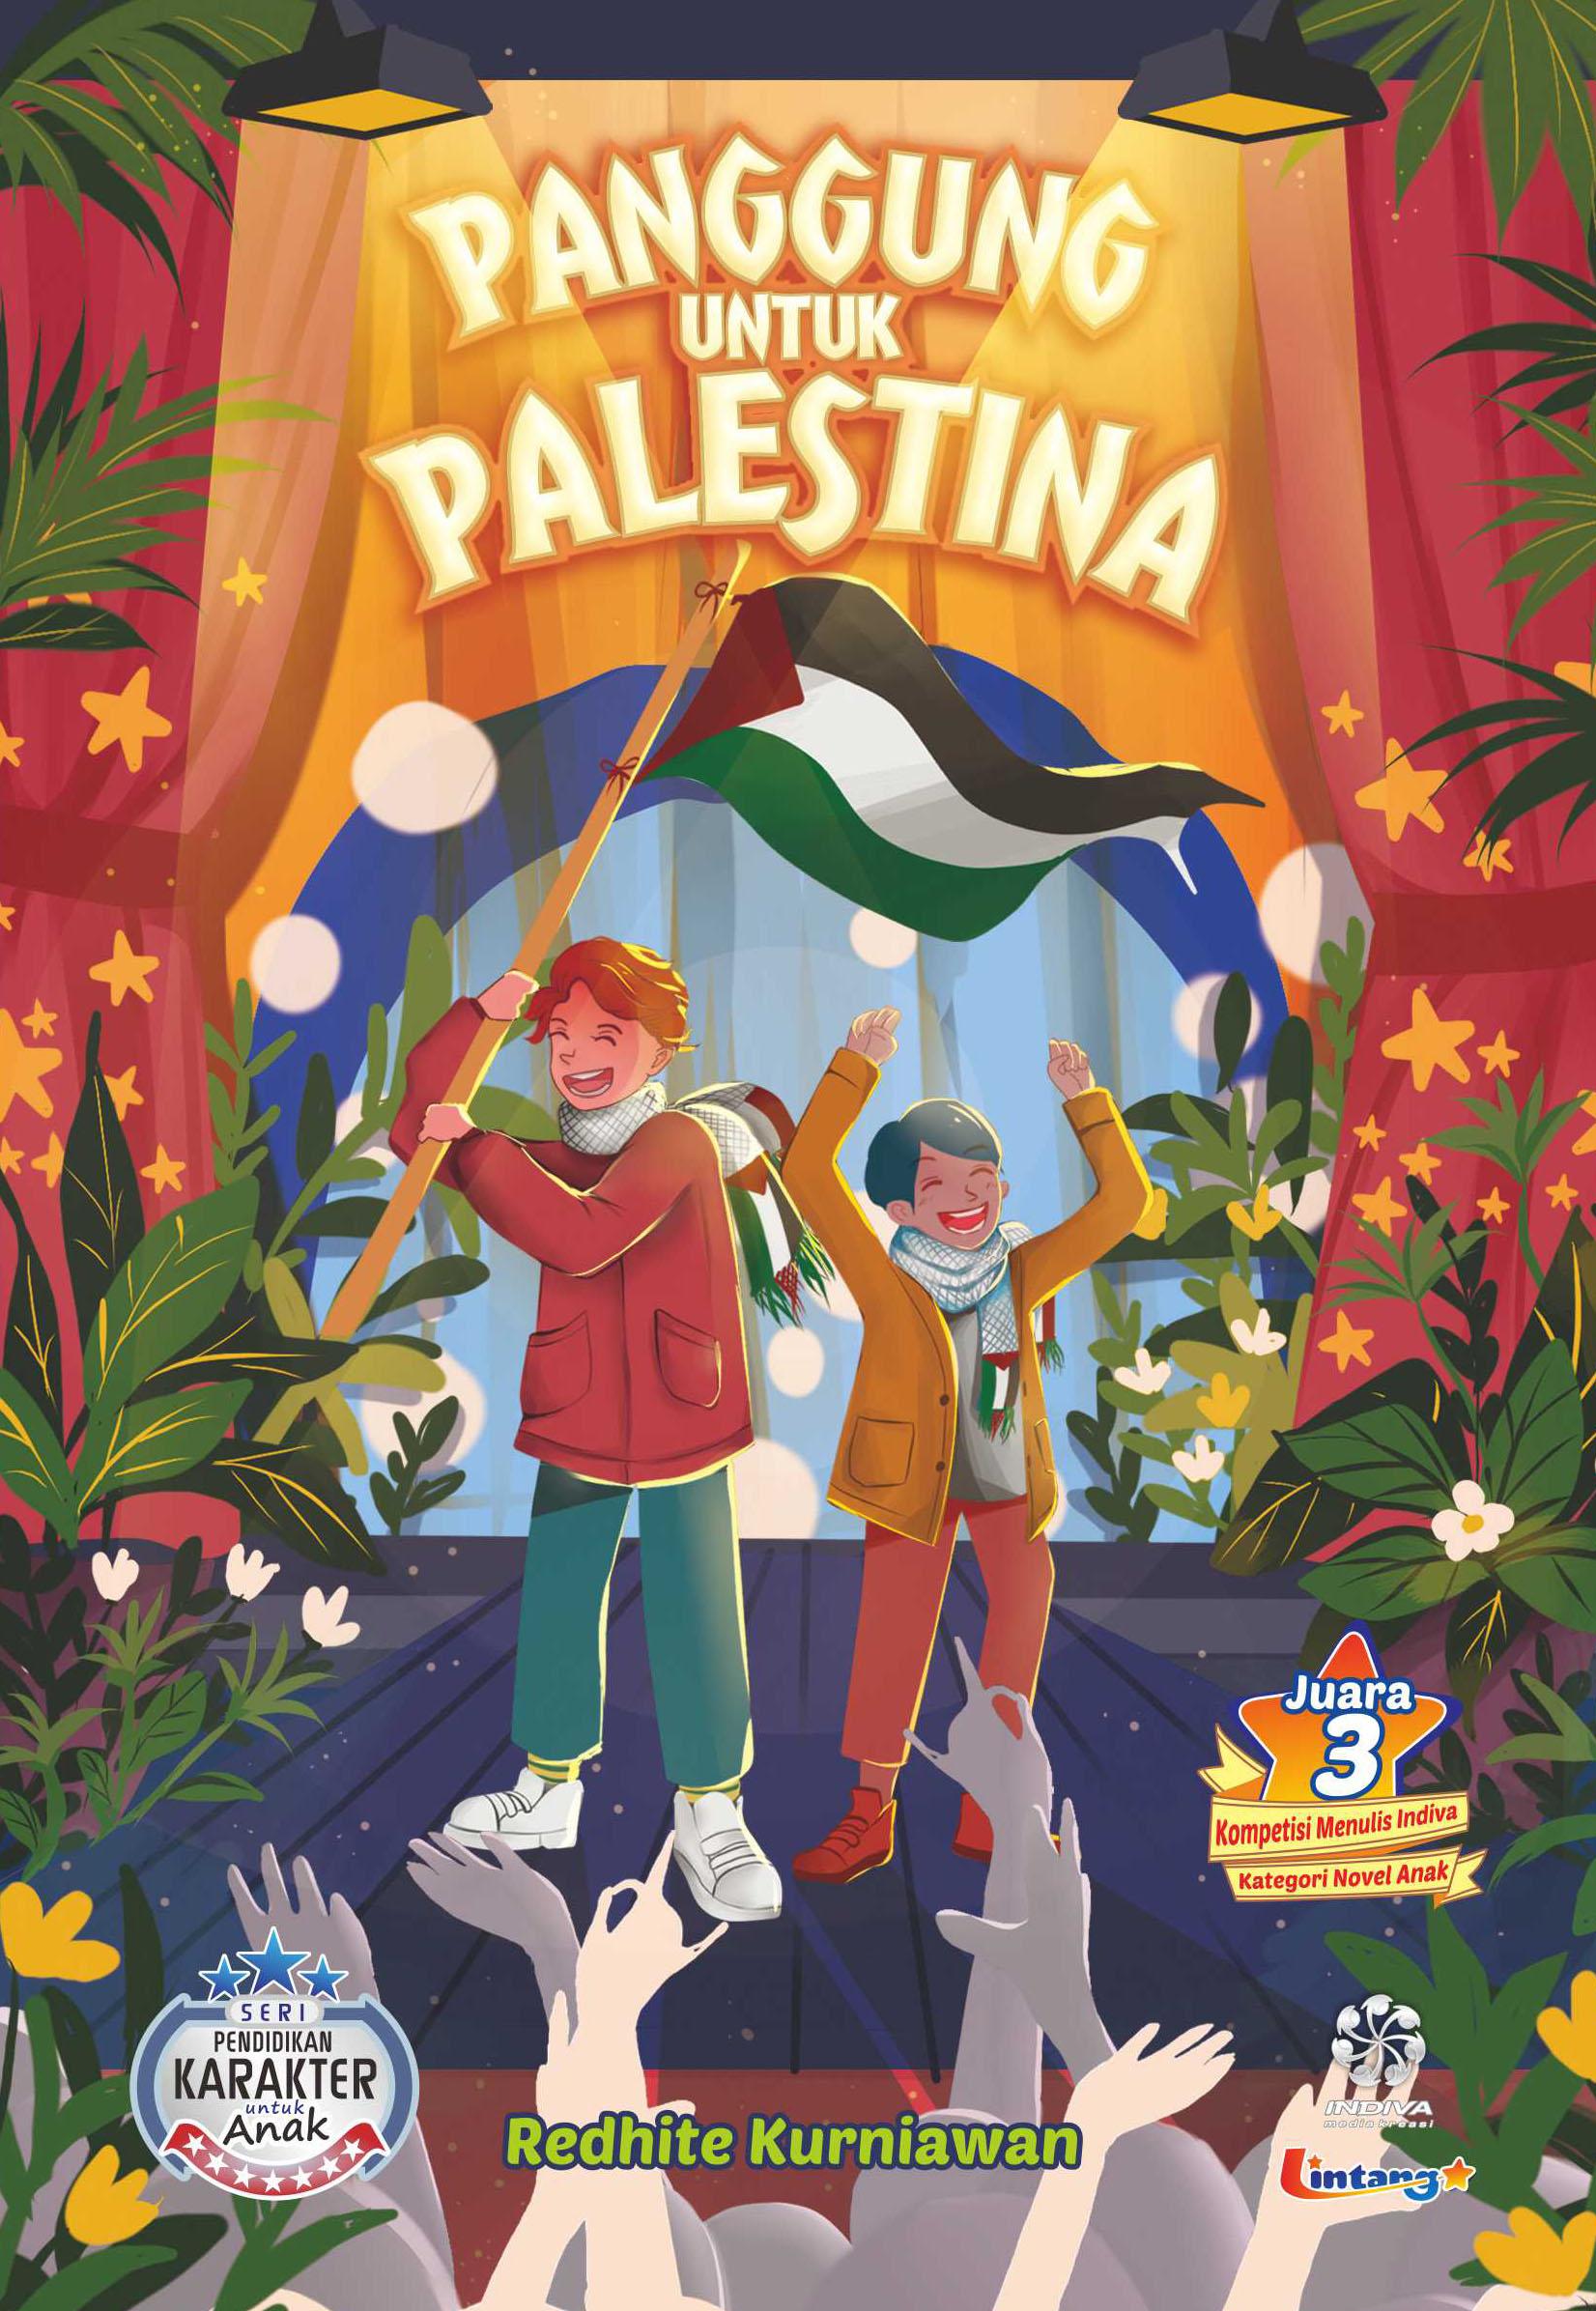 Panggung untuk Palestina [sumber elektronis]